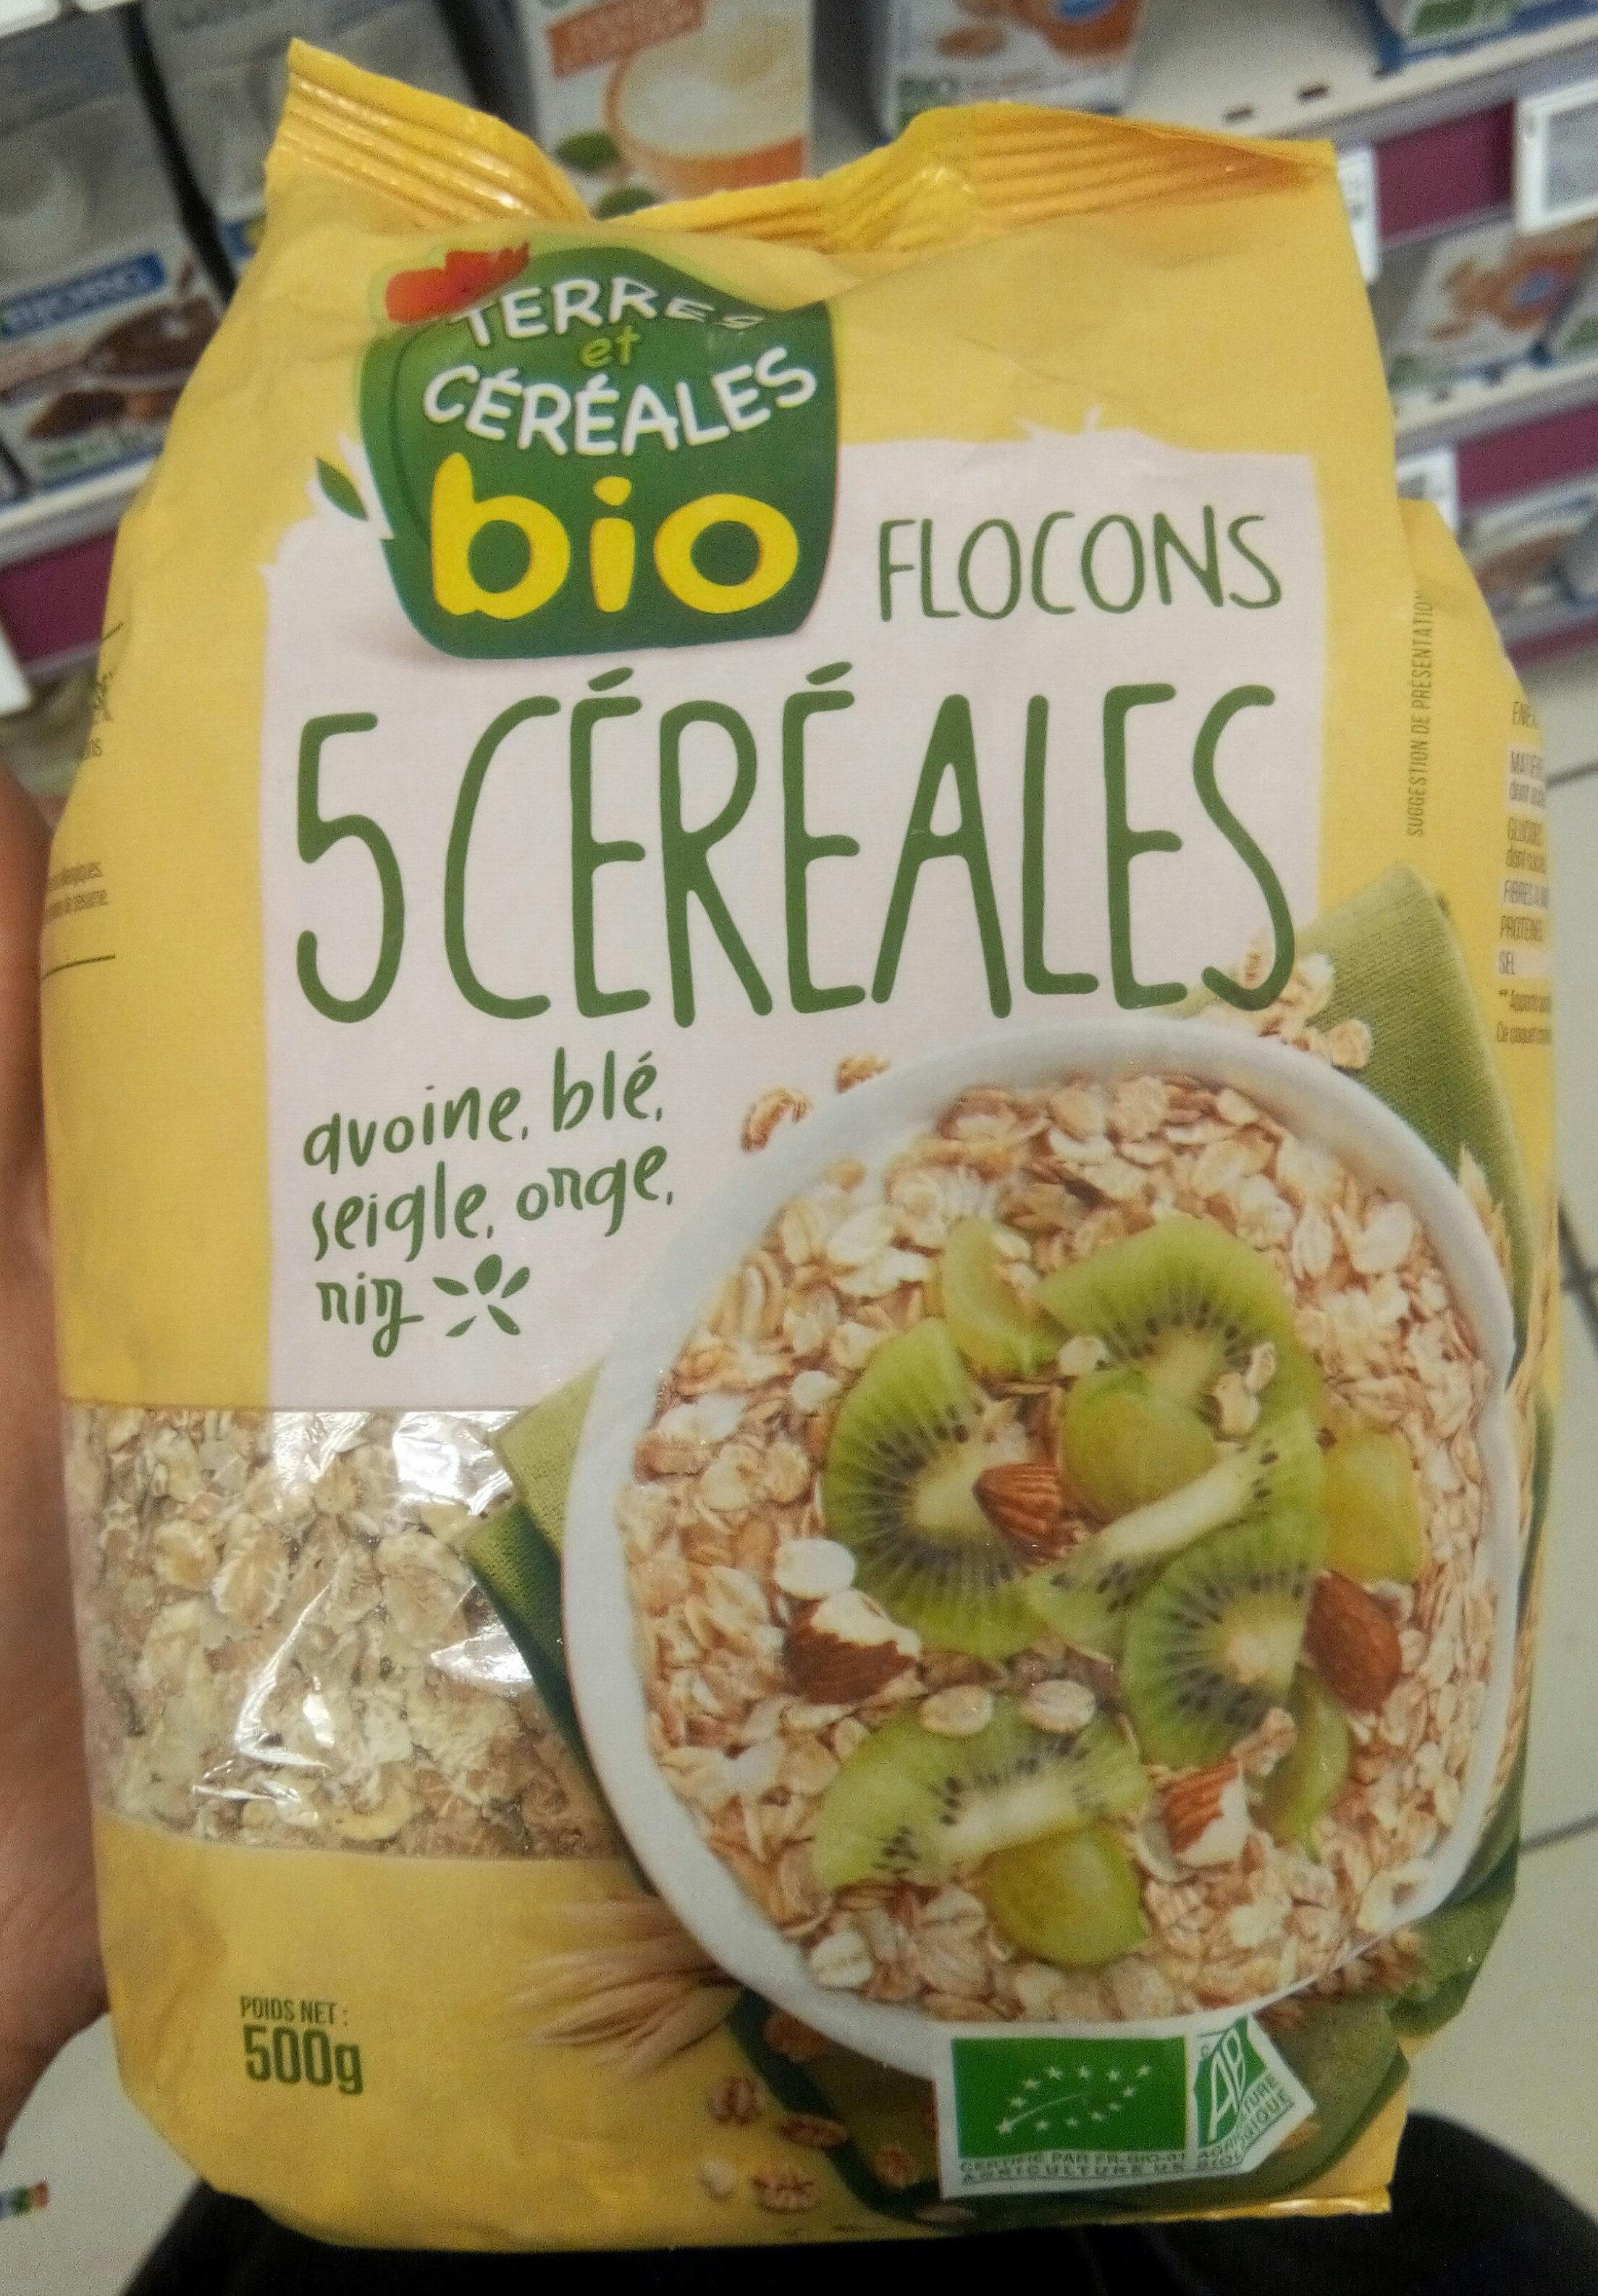 Flocons 5 céréales - Produit - fr